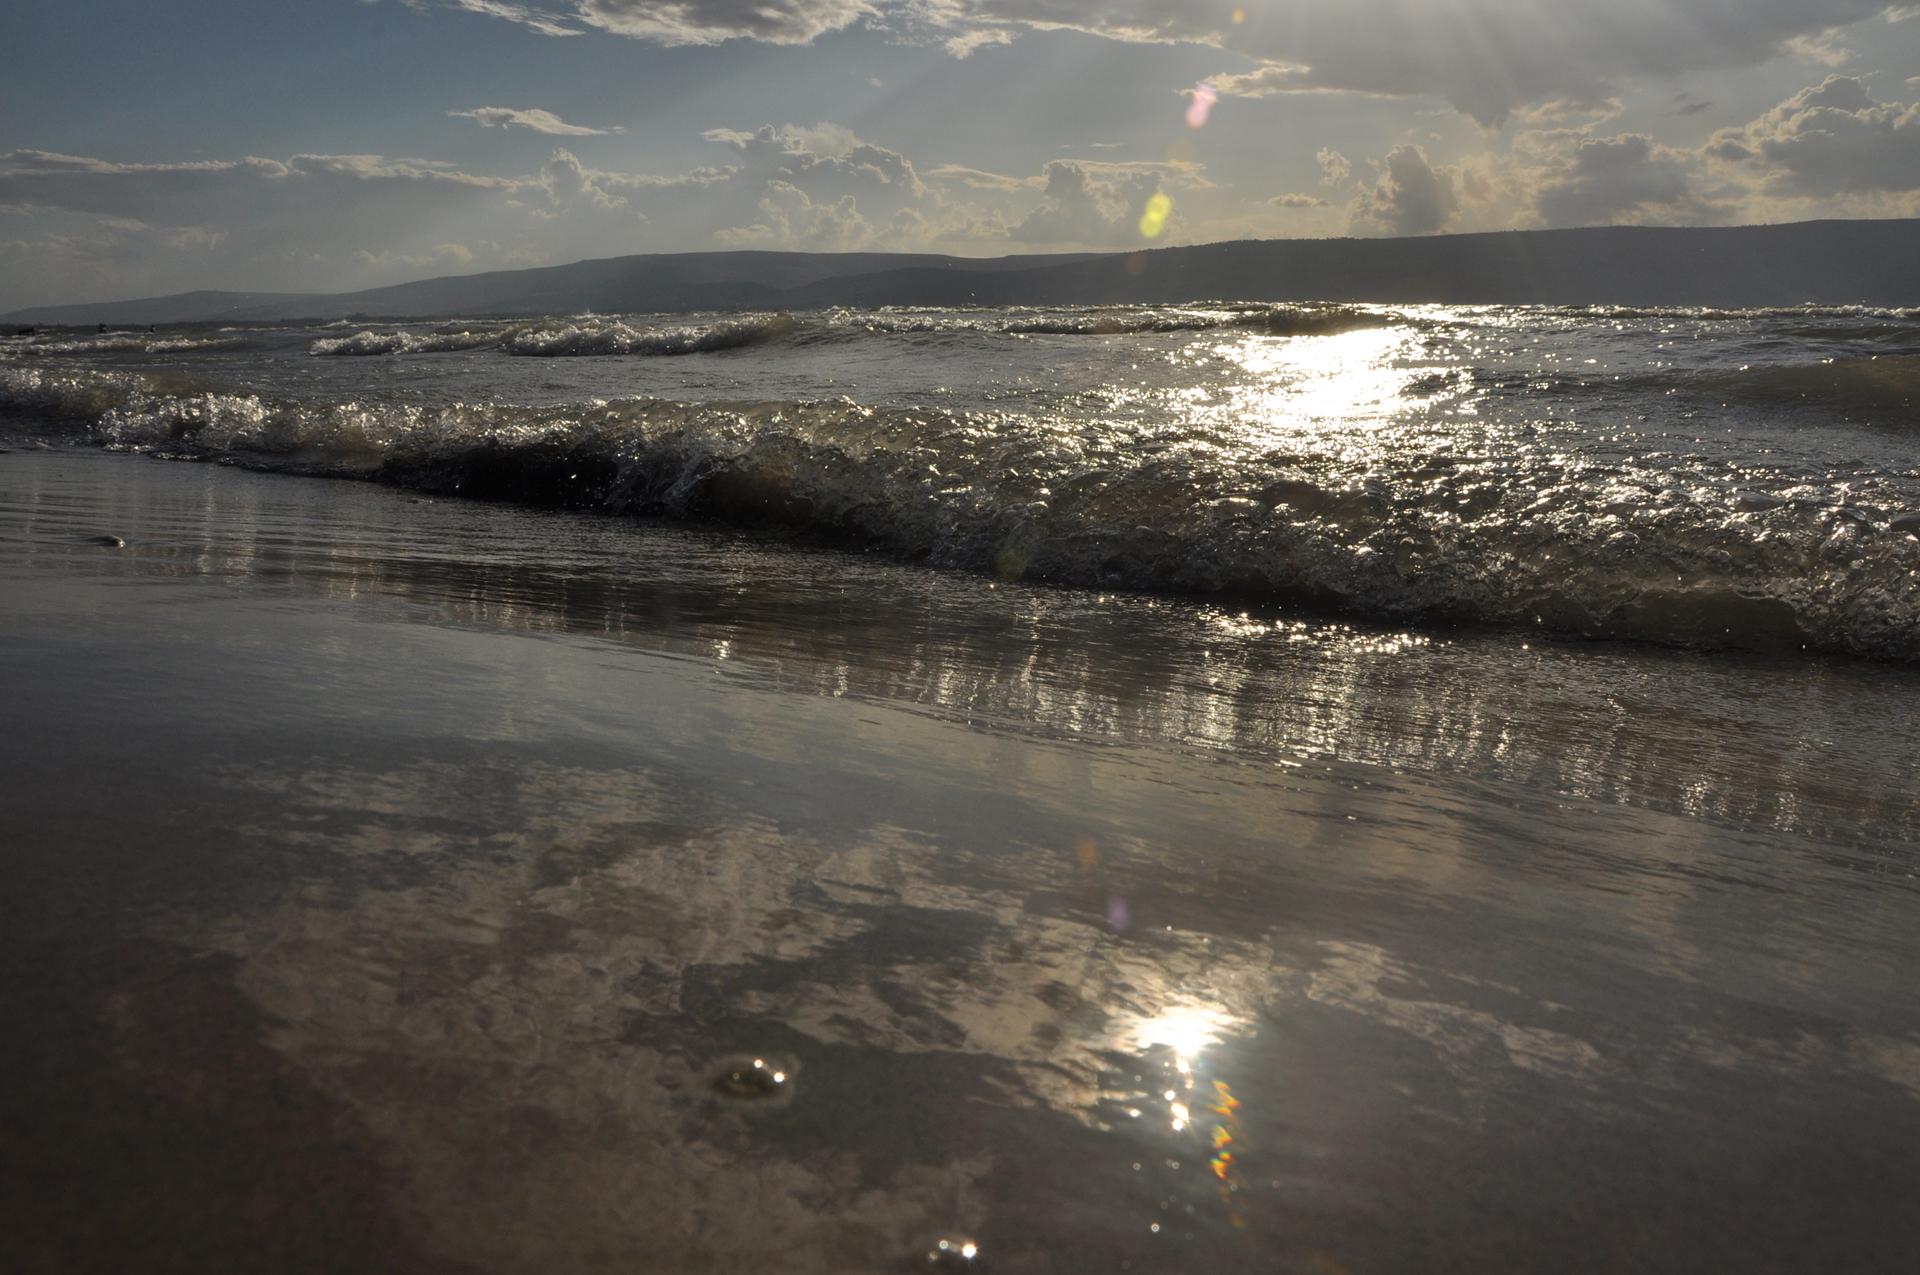 כנרת - יואל שתרוג - שנה חדשה - אדמה יוצרת - אופטימי - מרחבים - yoel sitruk